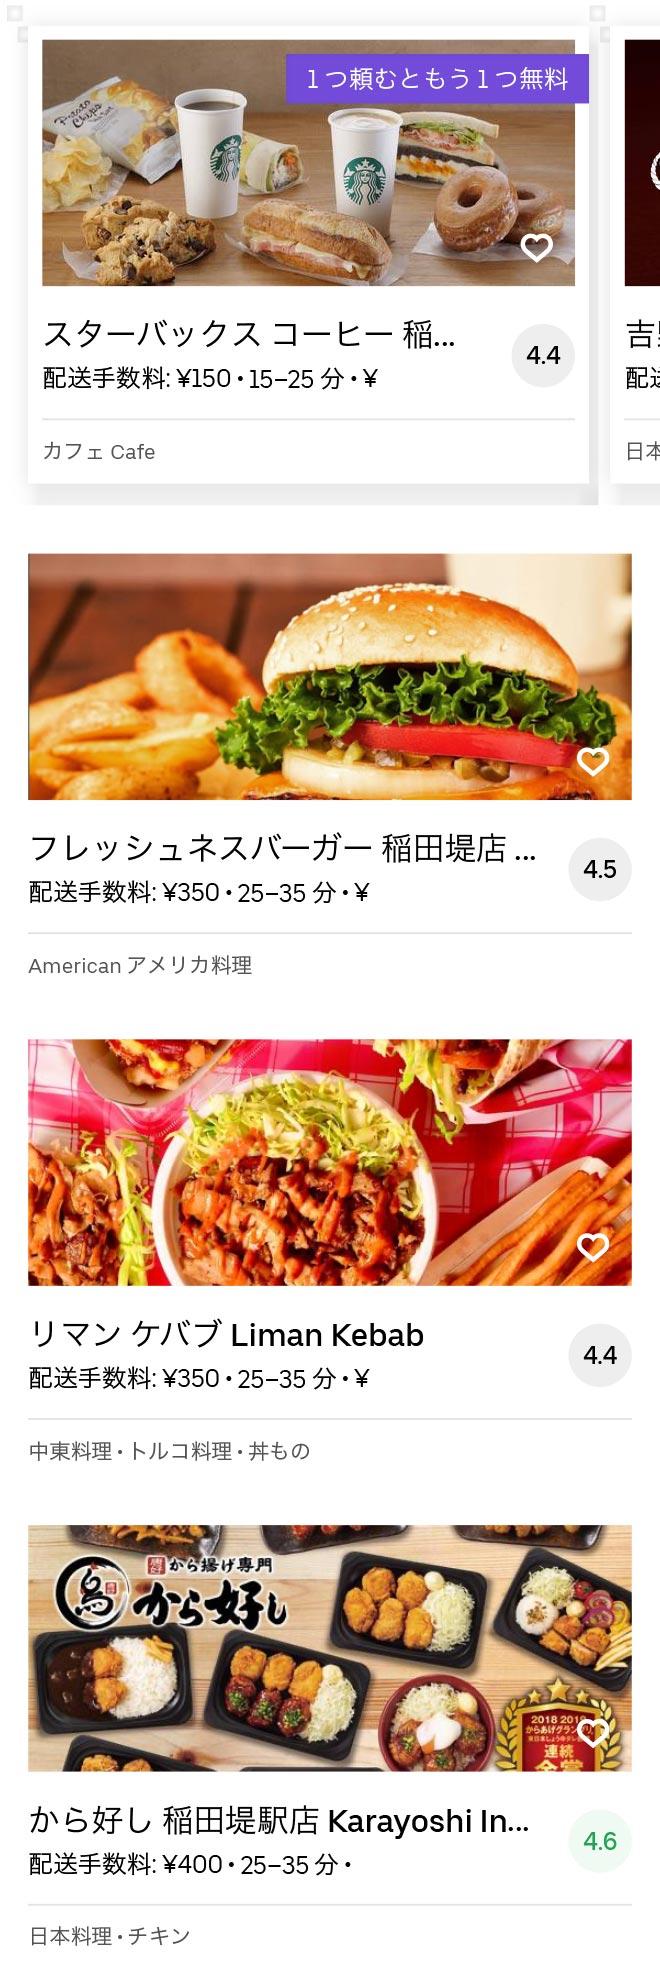 Inagi menu 2007 02